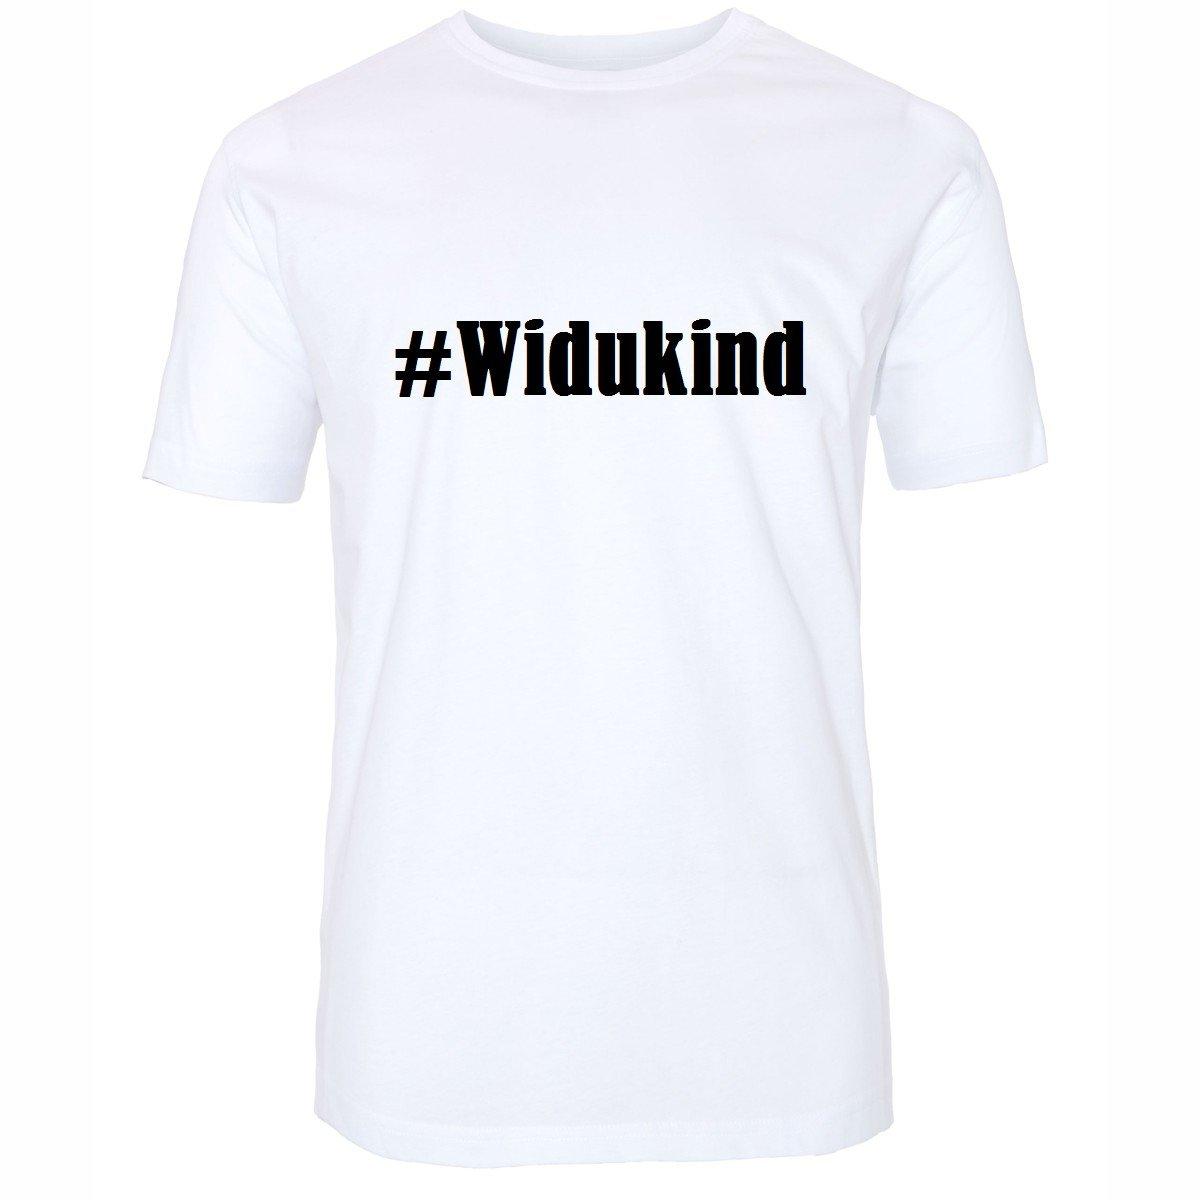 T-Shirt #Widukind Hashtag Raute für Damen Herren und Kinder ... in den Farben  Schwarz und Weiss: Amazon.de: Bekleidung